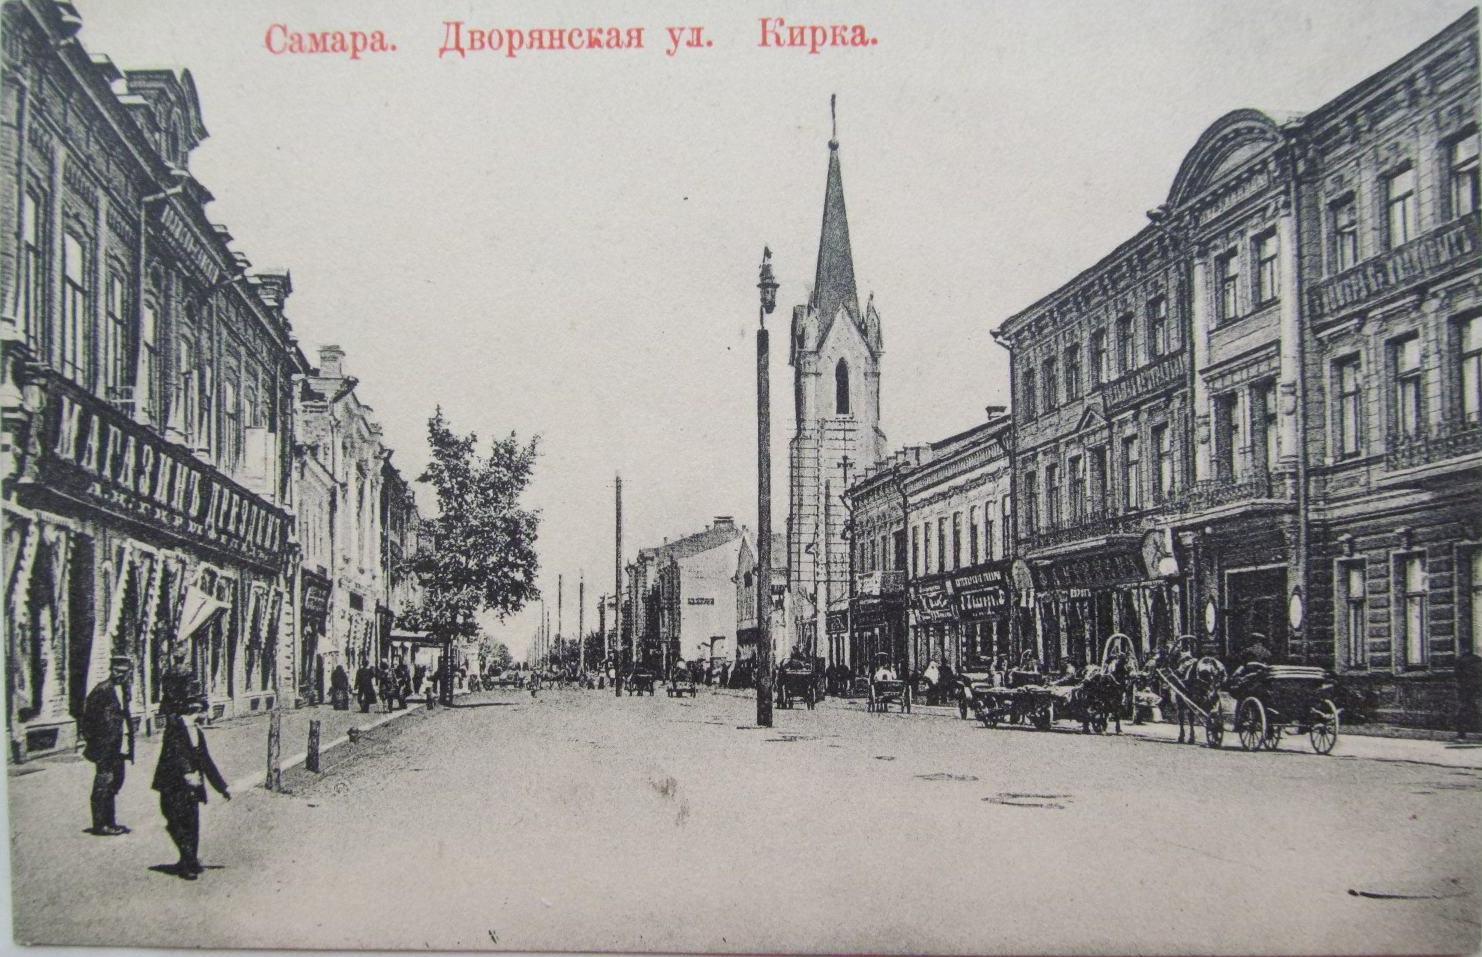 Дворянская улица. Кирка